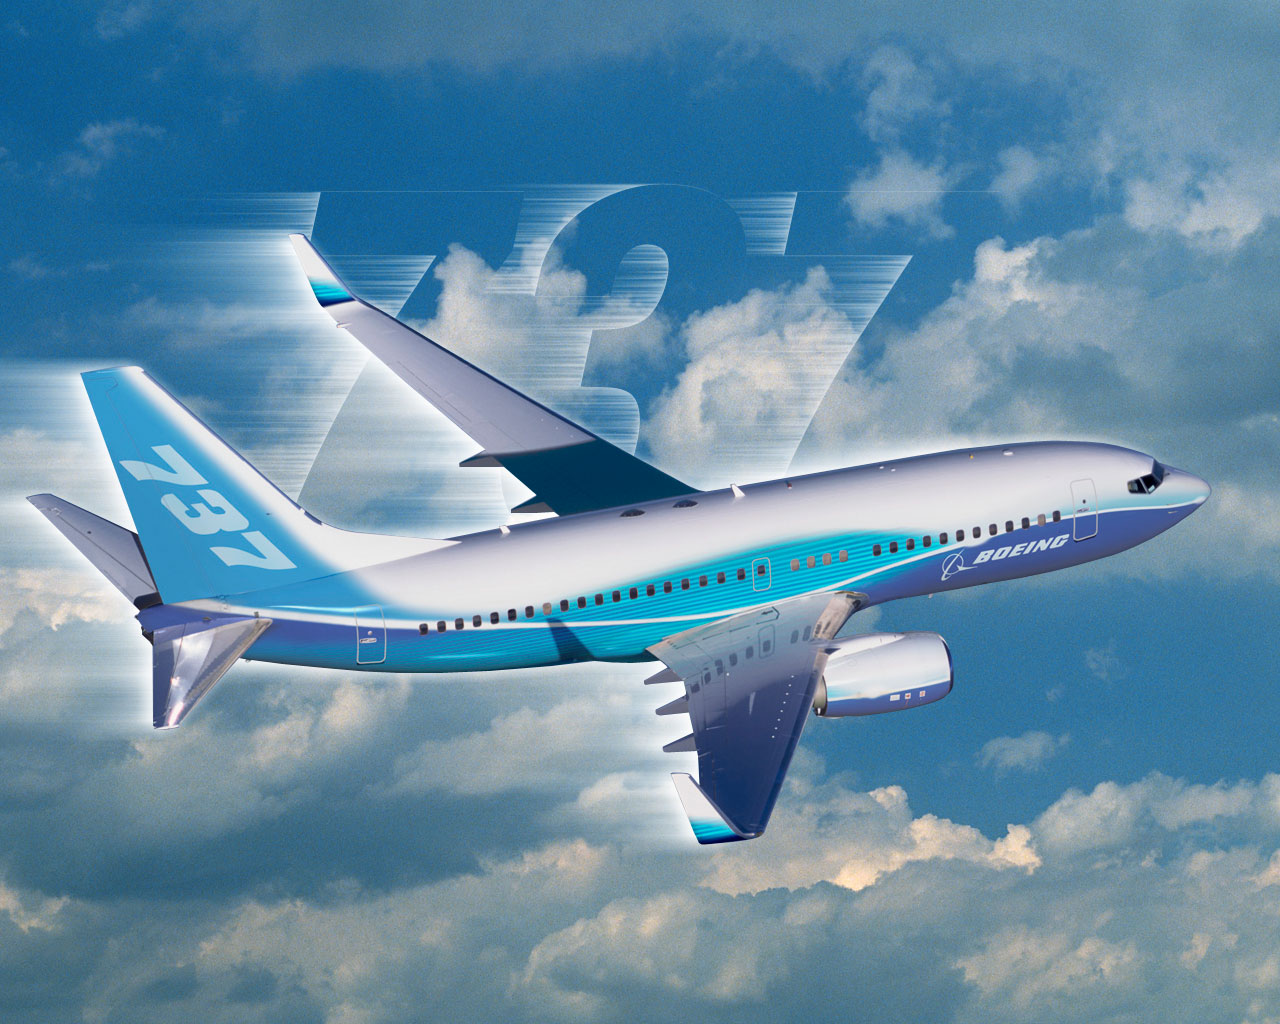 Hd Aeroplane Wallpapers For Desktop Wallpapers Vliegtuigen Desktop Airplanes